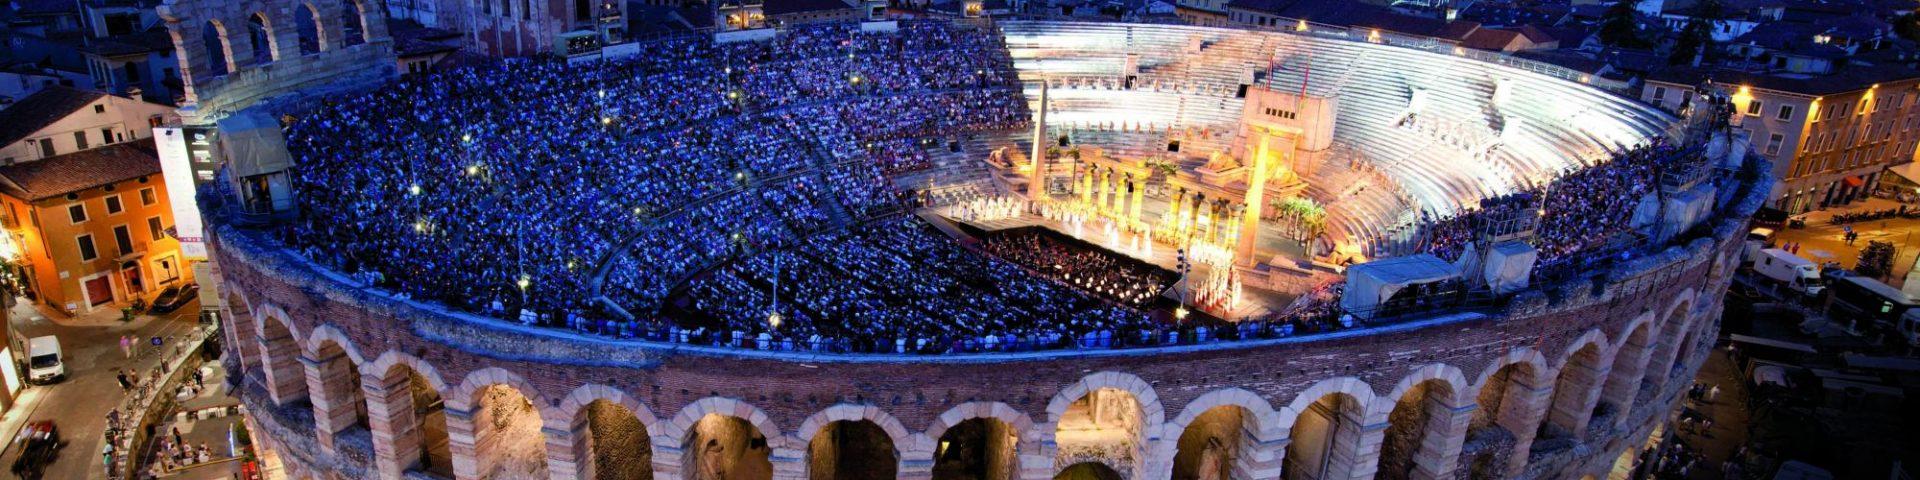 Wind Music Awards 2018: l'elenco completo dei cantanti a L'Arena di Verona